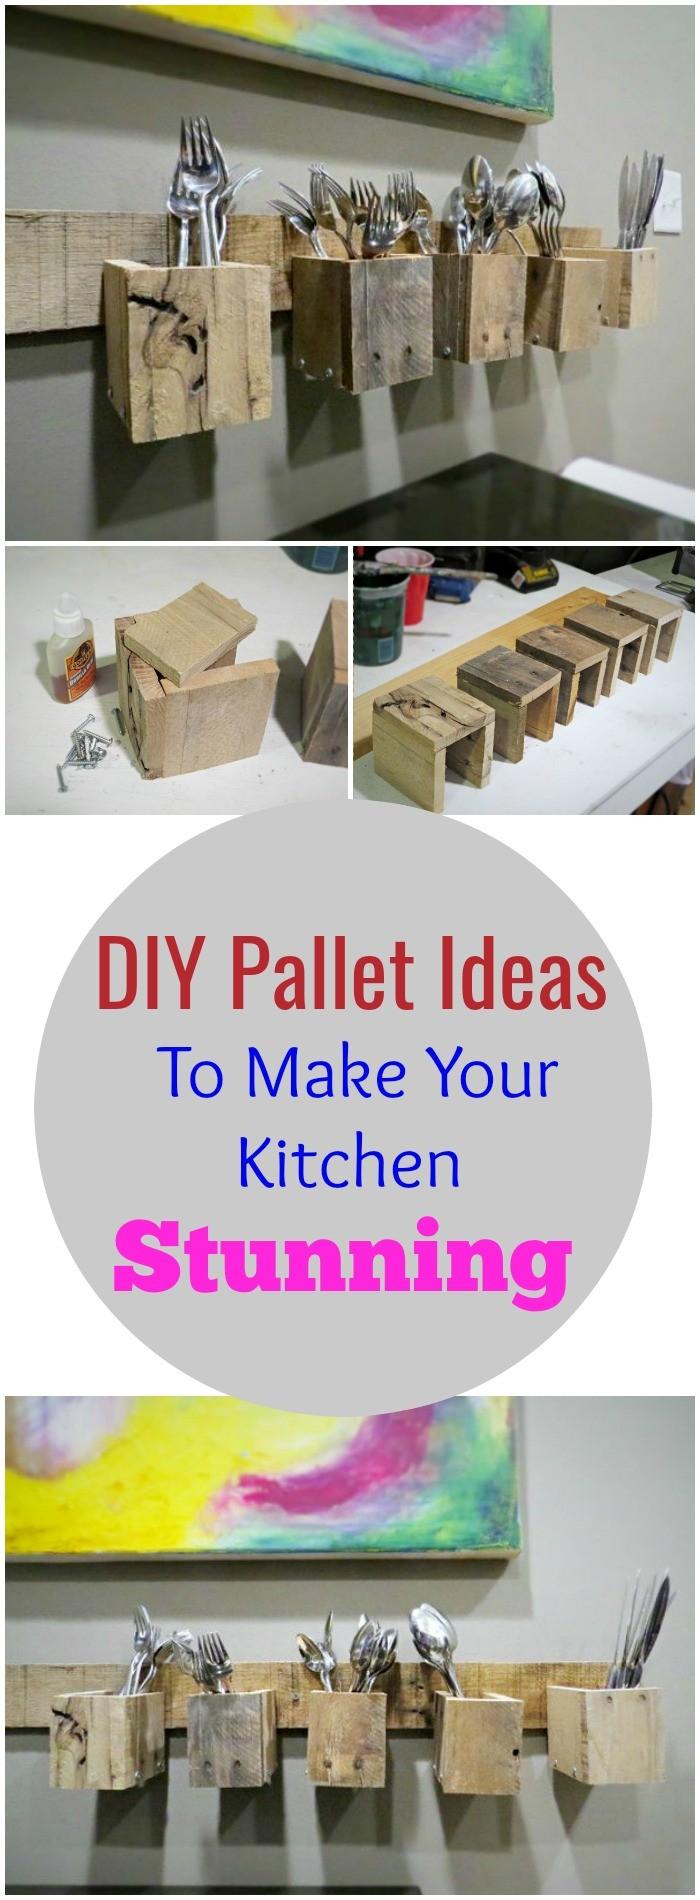 DIY Pallet Ideas To Make Your Kitchen Stunning DIY Pallet Wood Silverware Holder